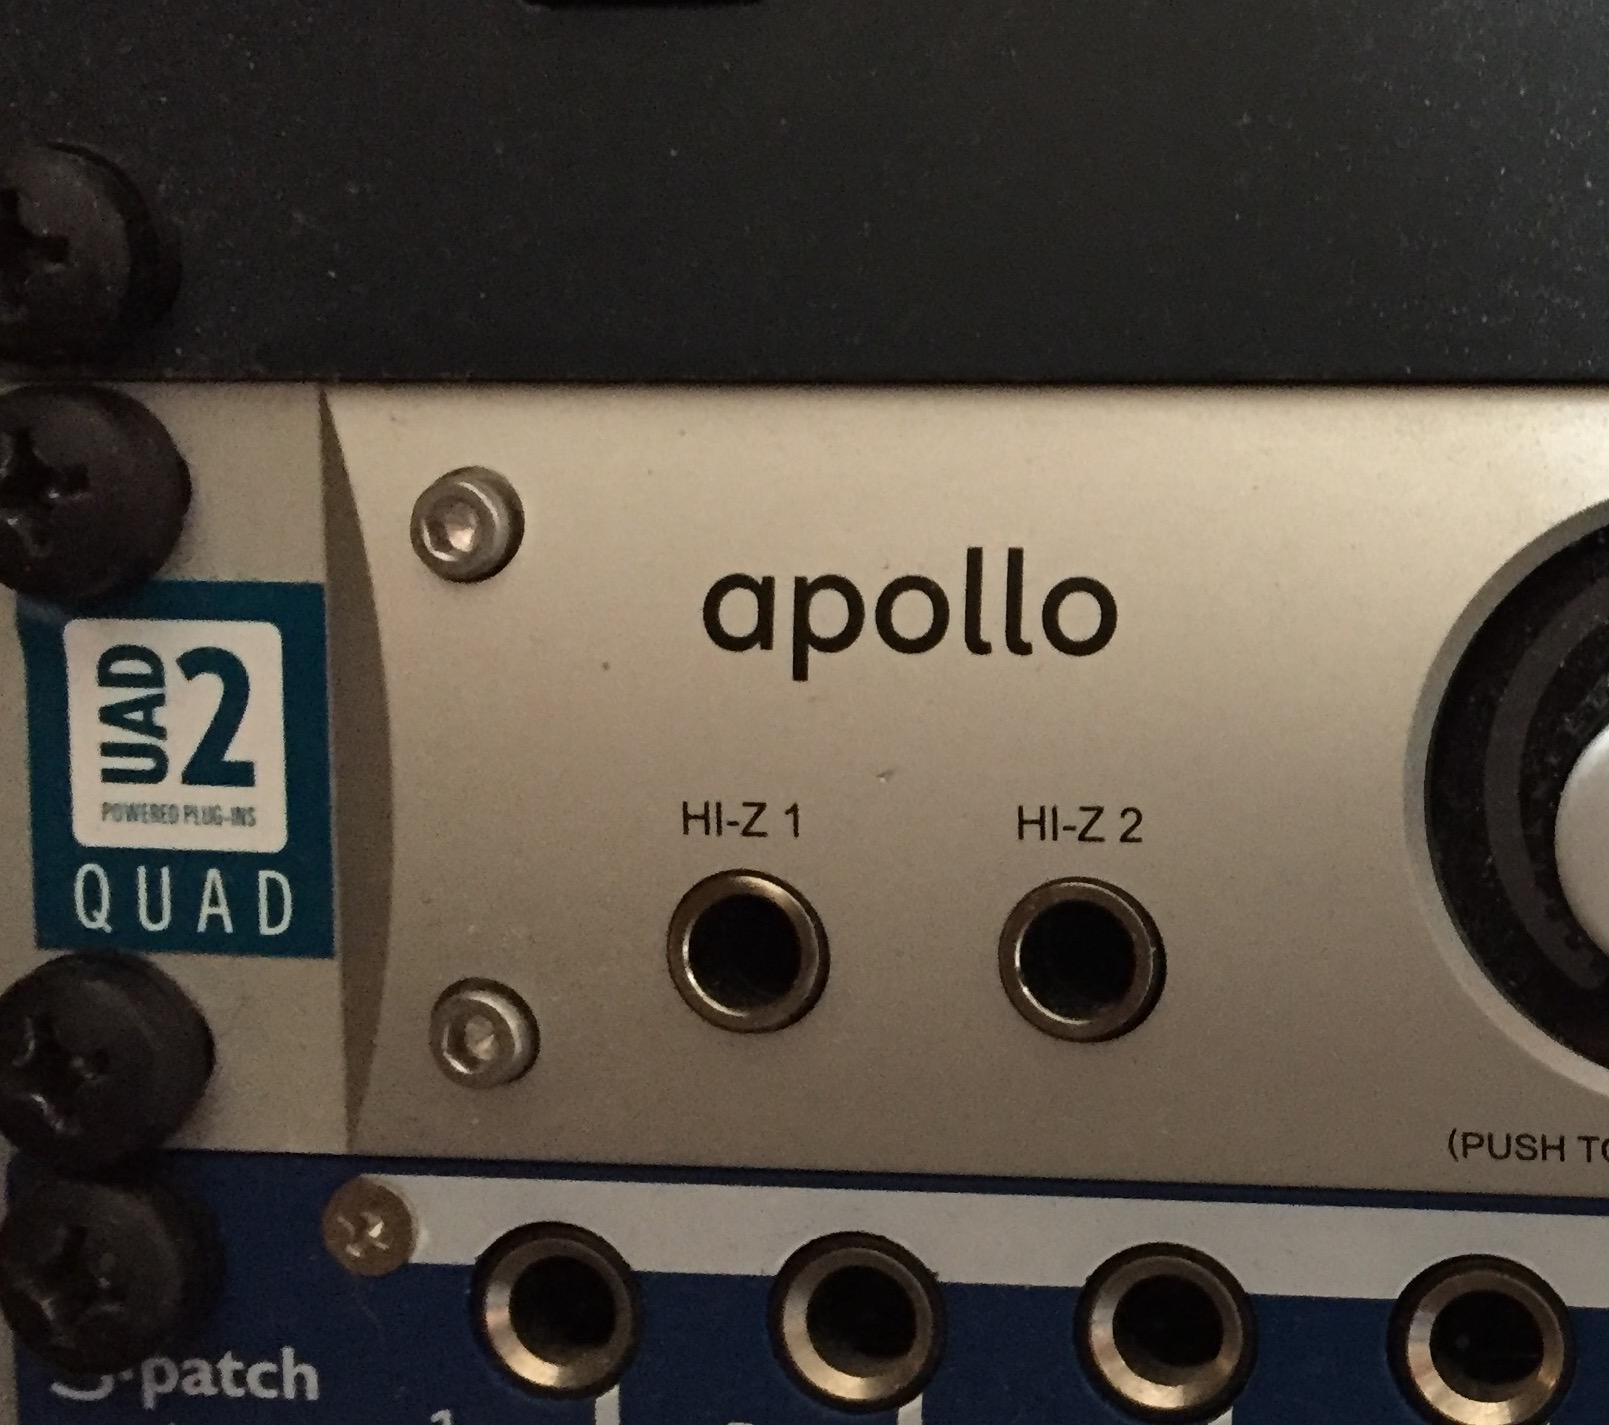 uad apollo quad review - photo #27